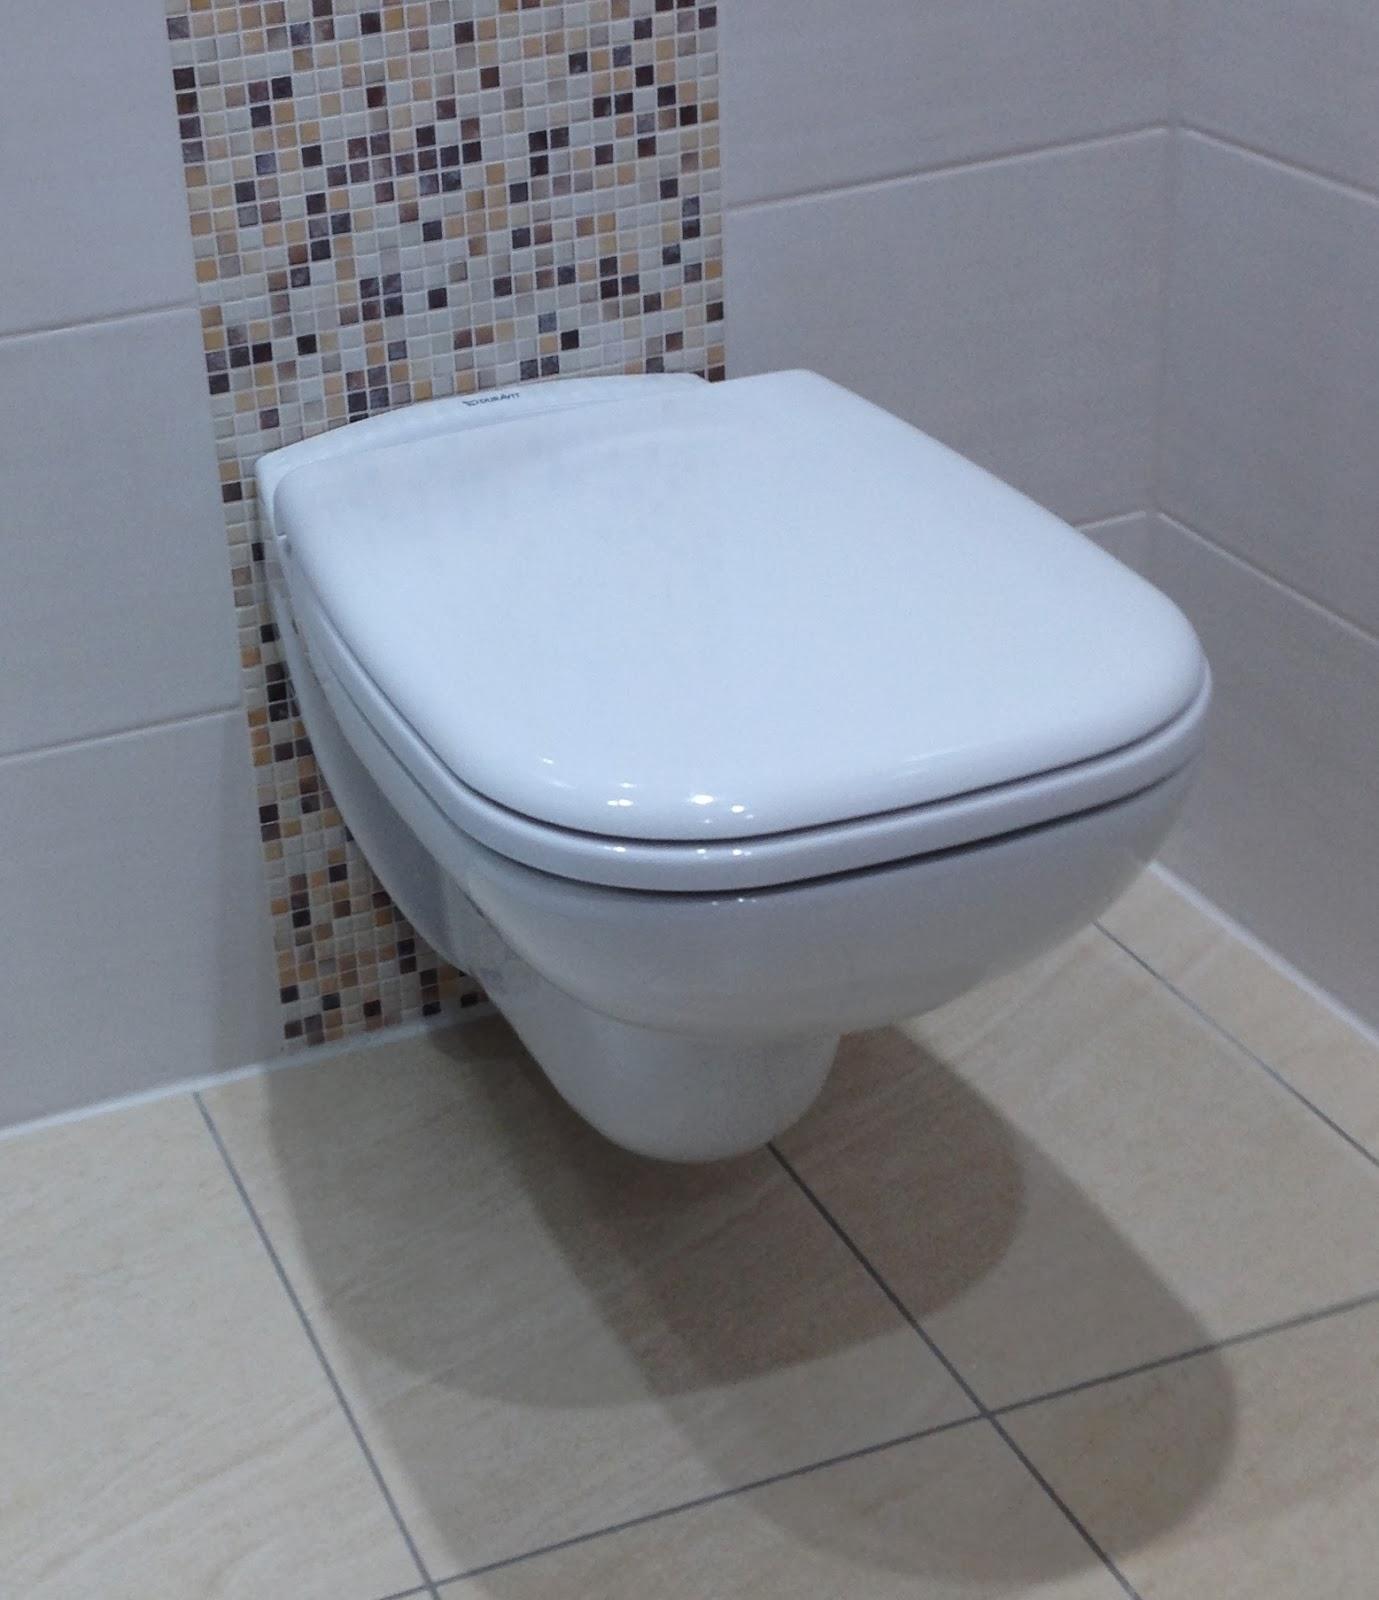 Ikea Wandregal Welche Schrauben ~ duravit d code ikea godmorgon waschtischunterschrank godmorgon